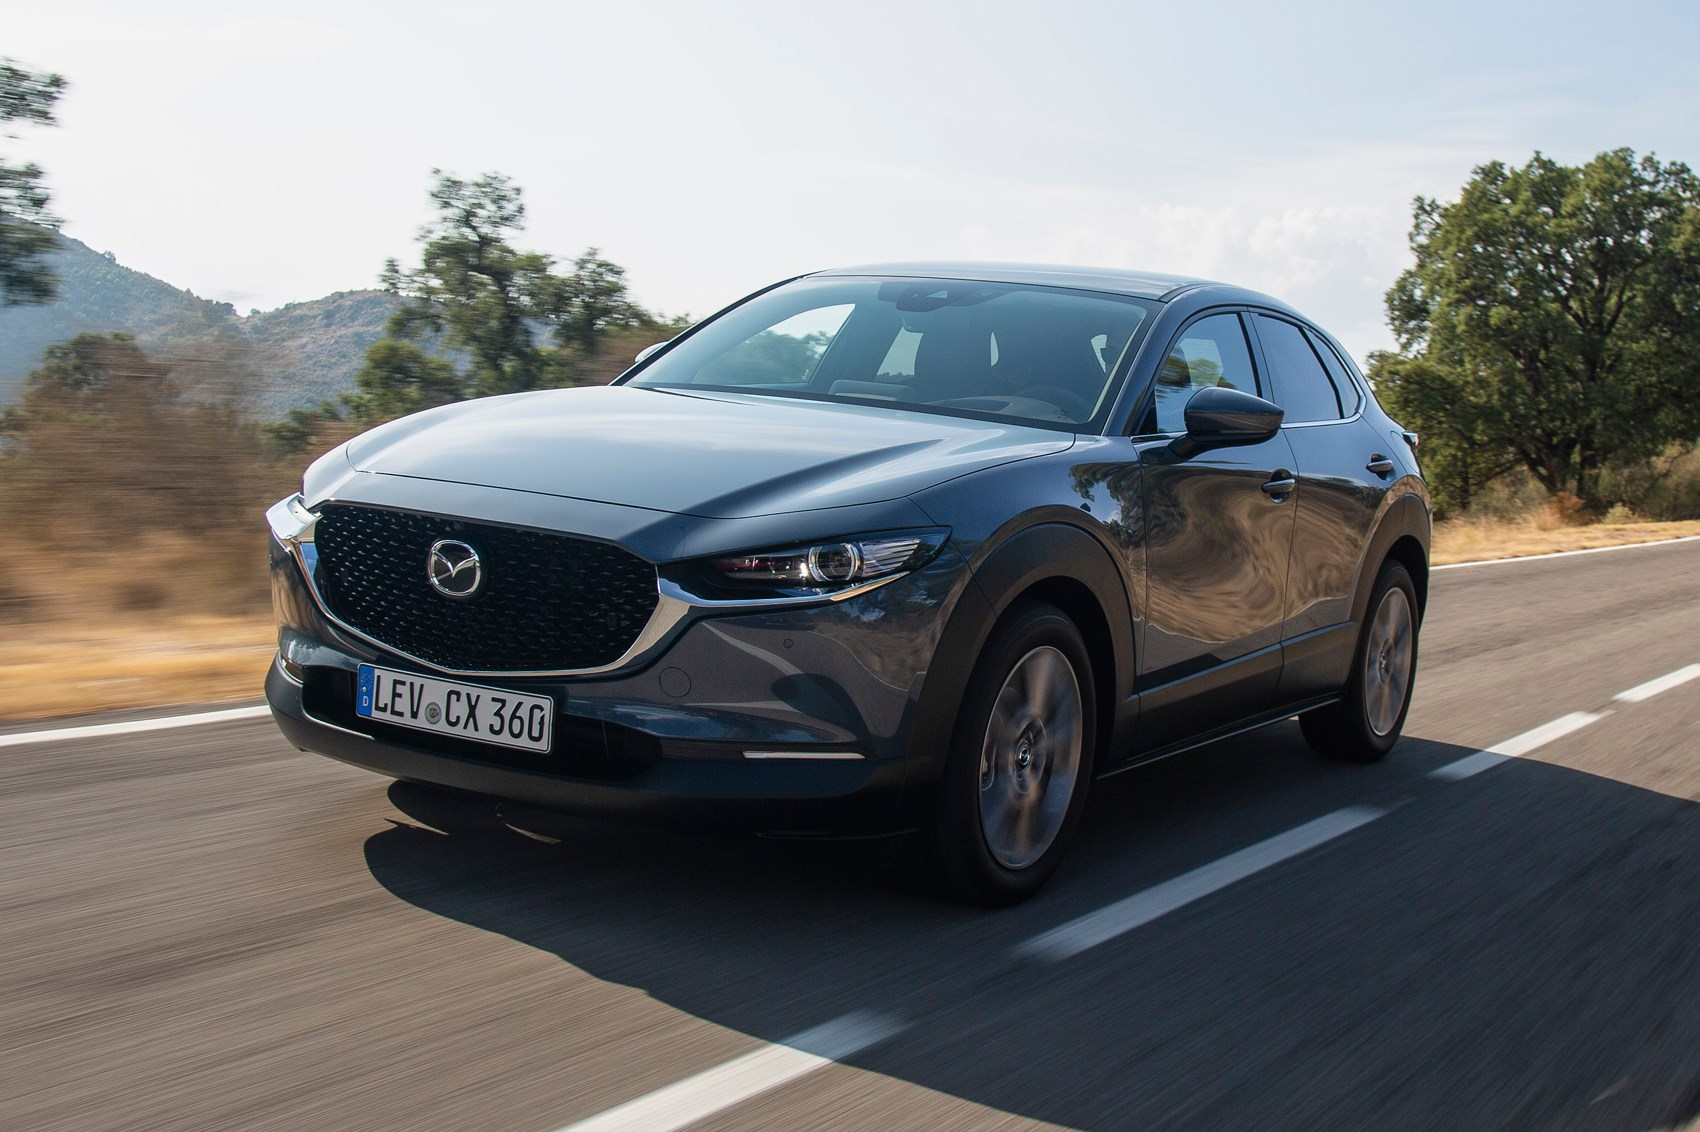 Kelebihan Kekurangan Mazda C30 Spesifikasi